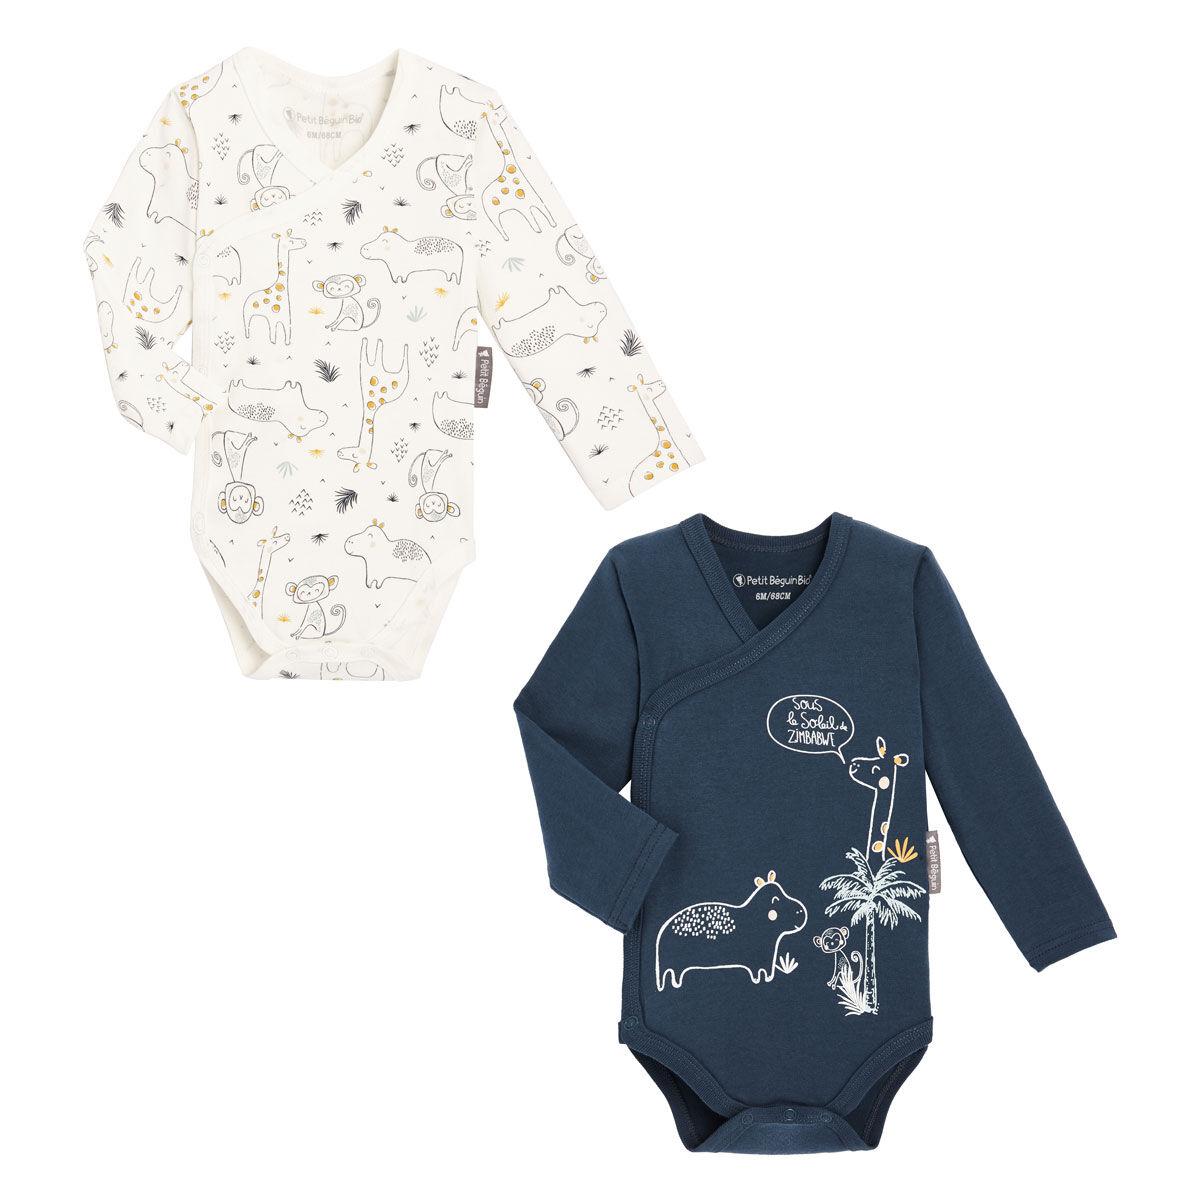 Petit Béguin Lot de 2 bodies bébé garçon croisés manches longues contenant du coton bio Sous le soleil - Taille - 6 mois